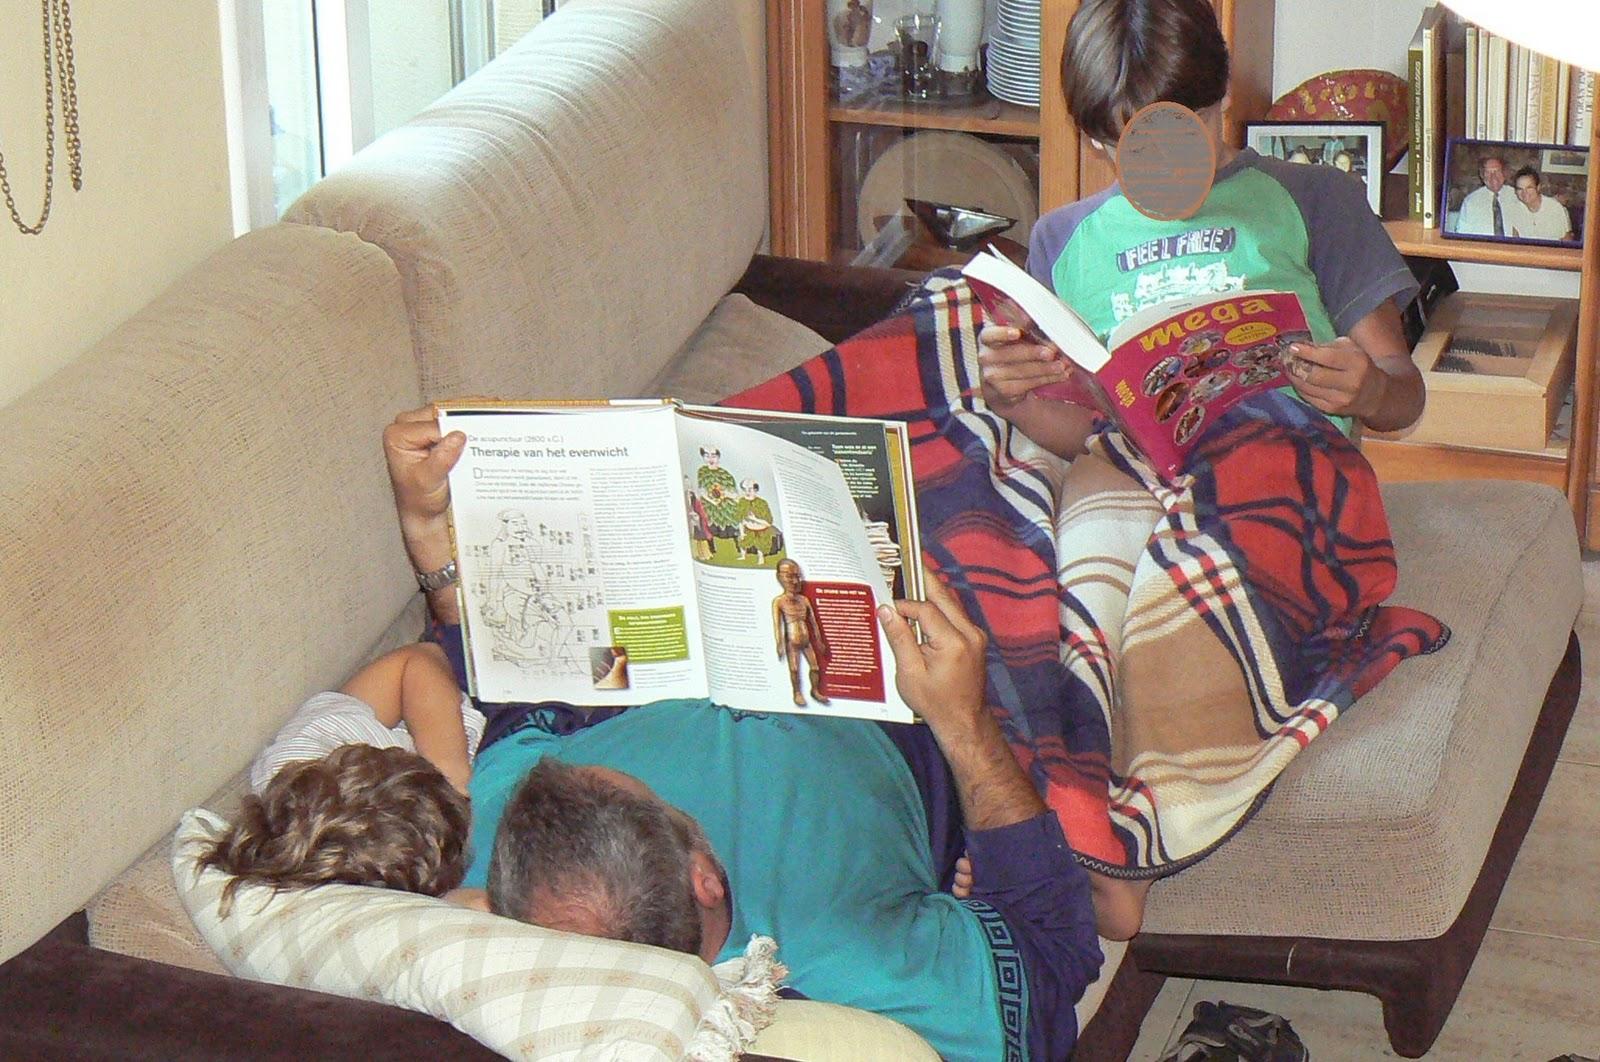 Orca observar recordar crecer y aprender martes mudo - Sofa para tres ...